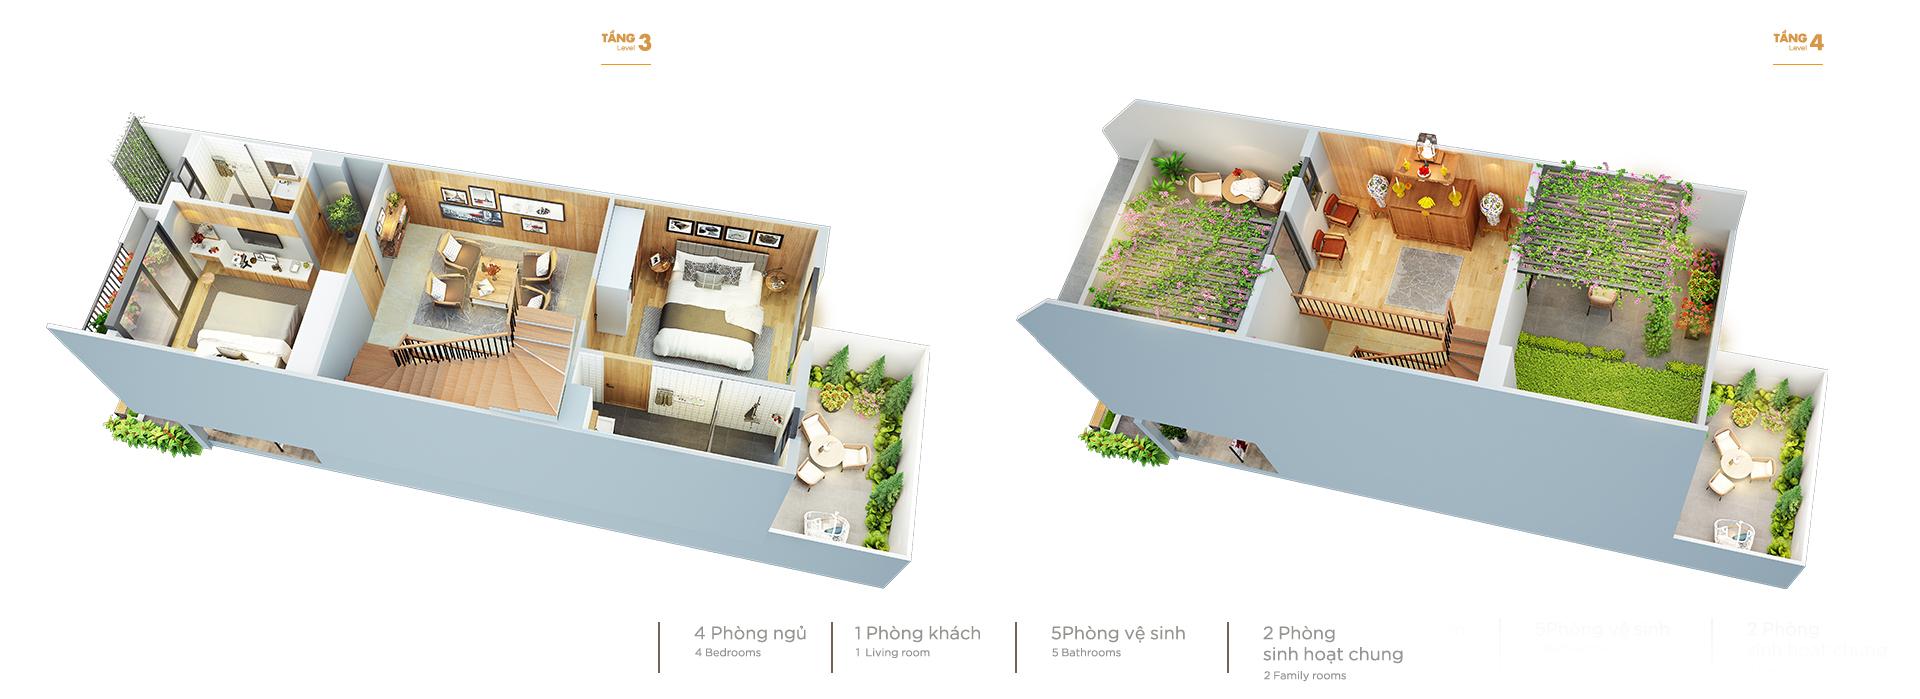 Mẫu thiết kế căn liền kề Vinhomes Cầu rào Hải Phòng